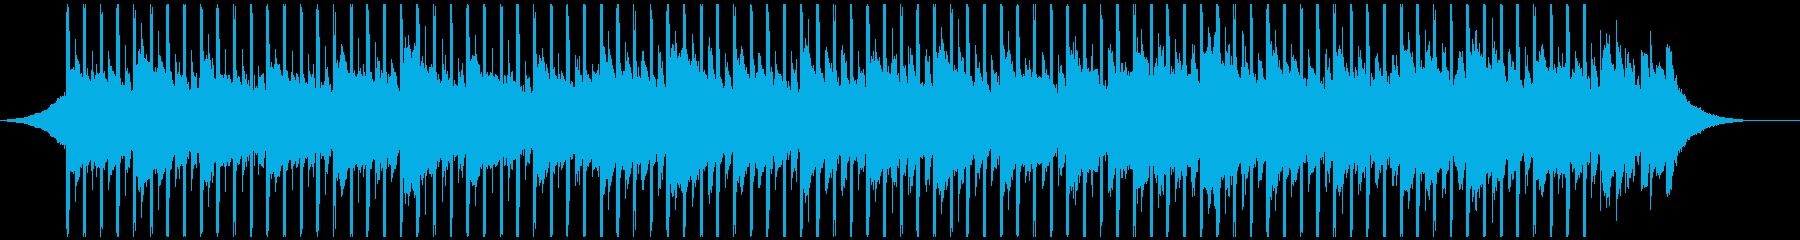 これは情報です(60秒)の再生済みの波形